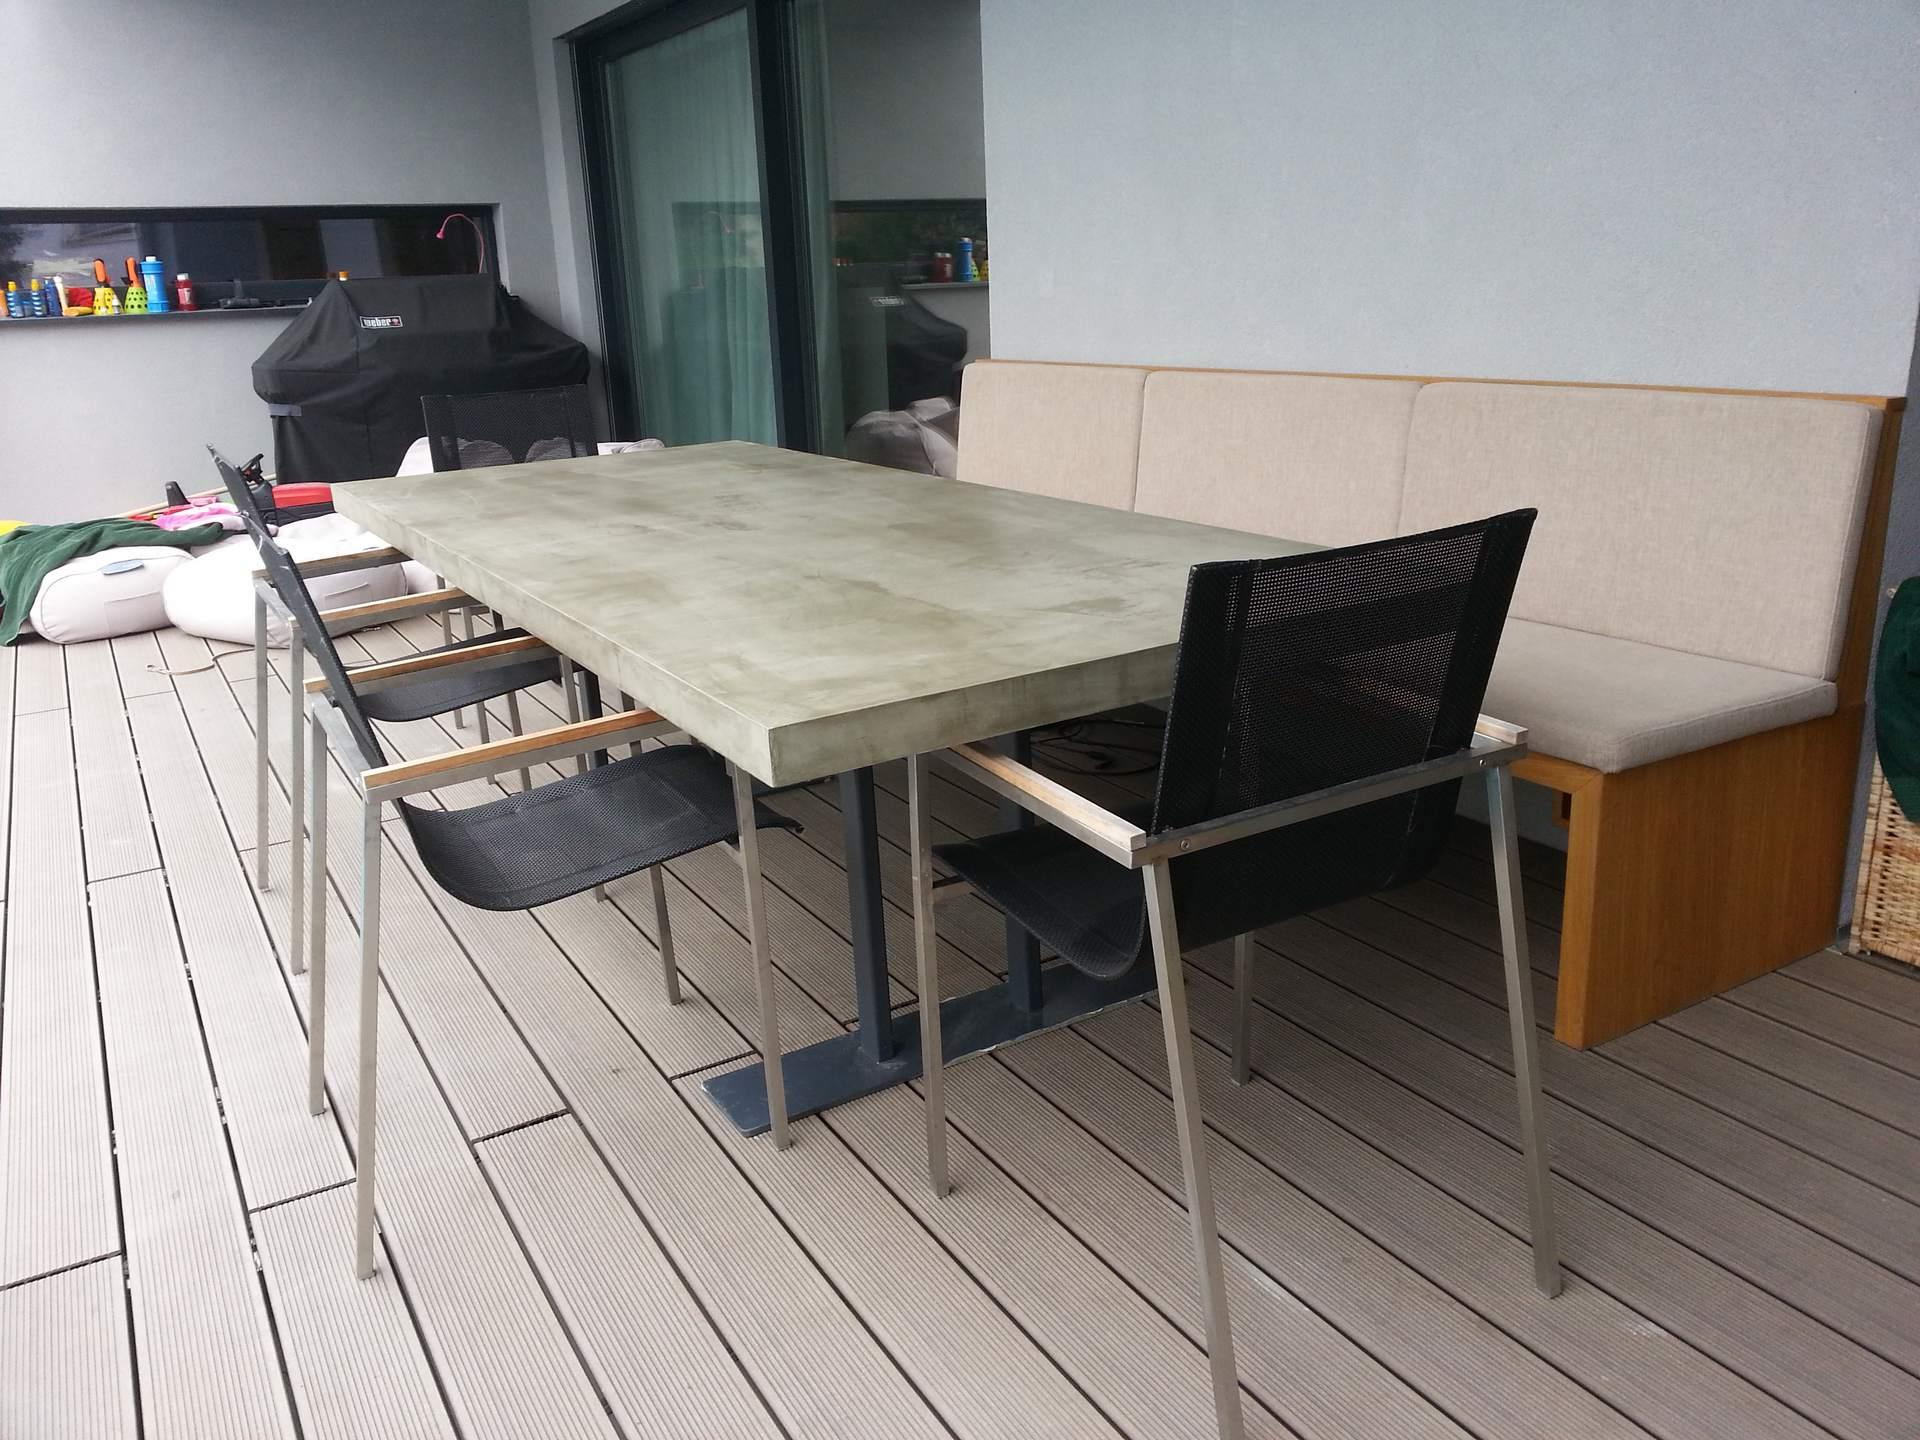 Gartentisch aus Siebdruckplatte mit Beton gespachtelt